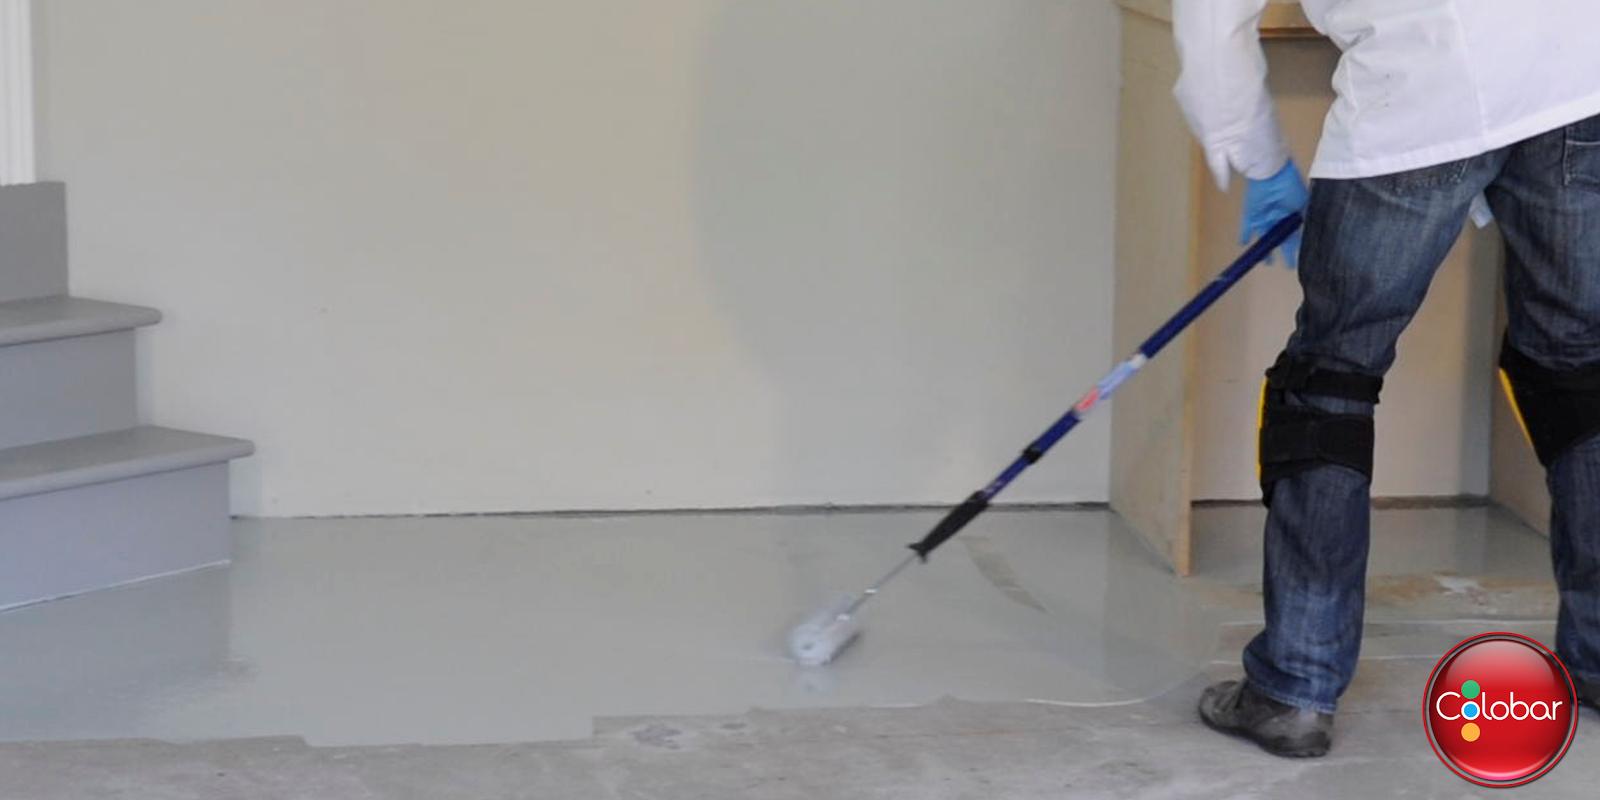 Colobar peinture et d coration comment appliquer l poxy 100 solide sur un plancher de ciment for Peinture plancher